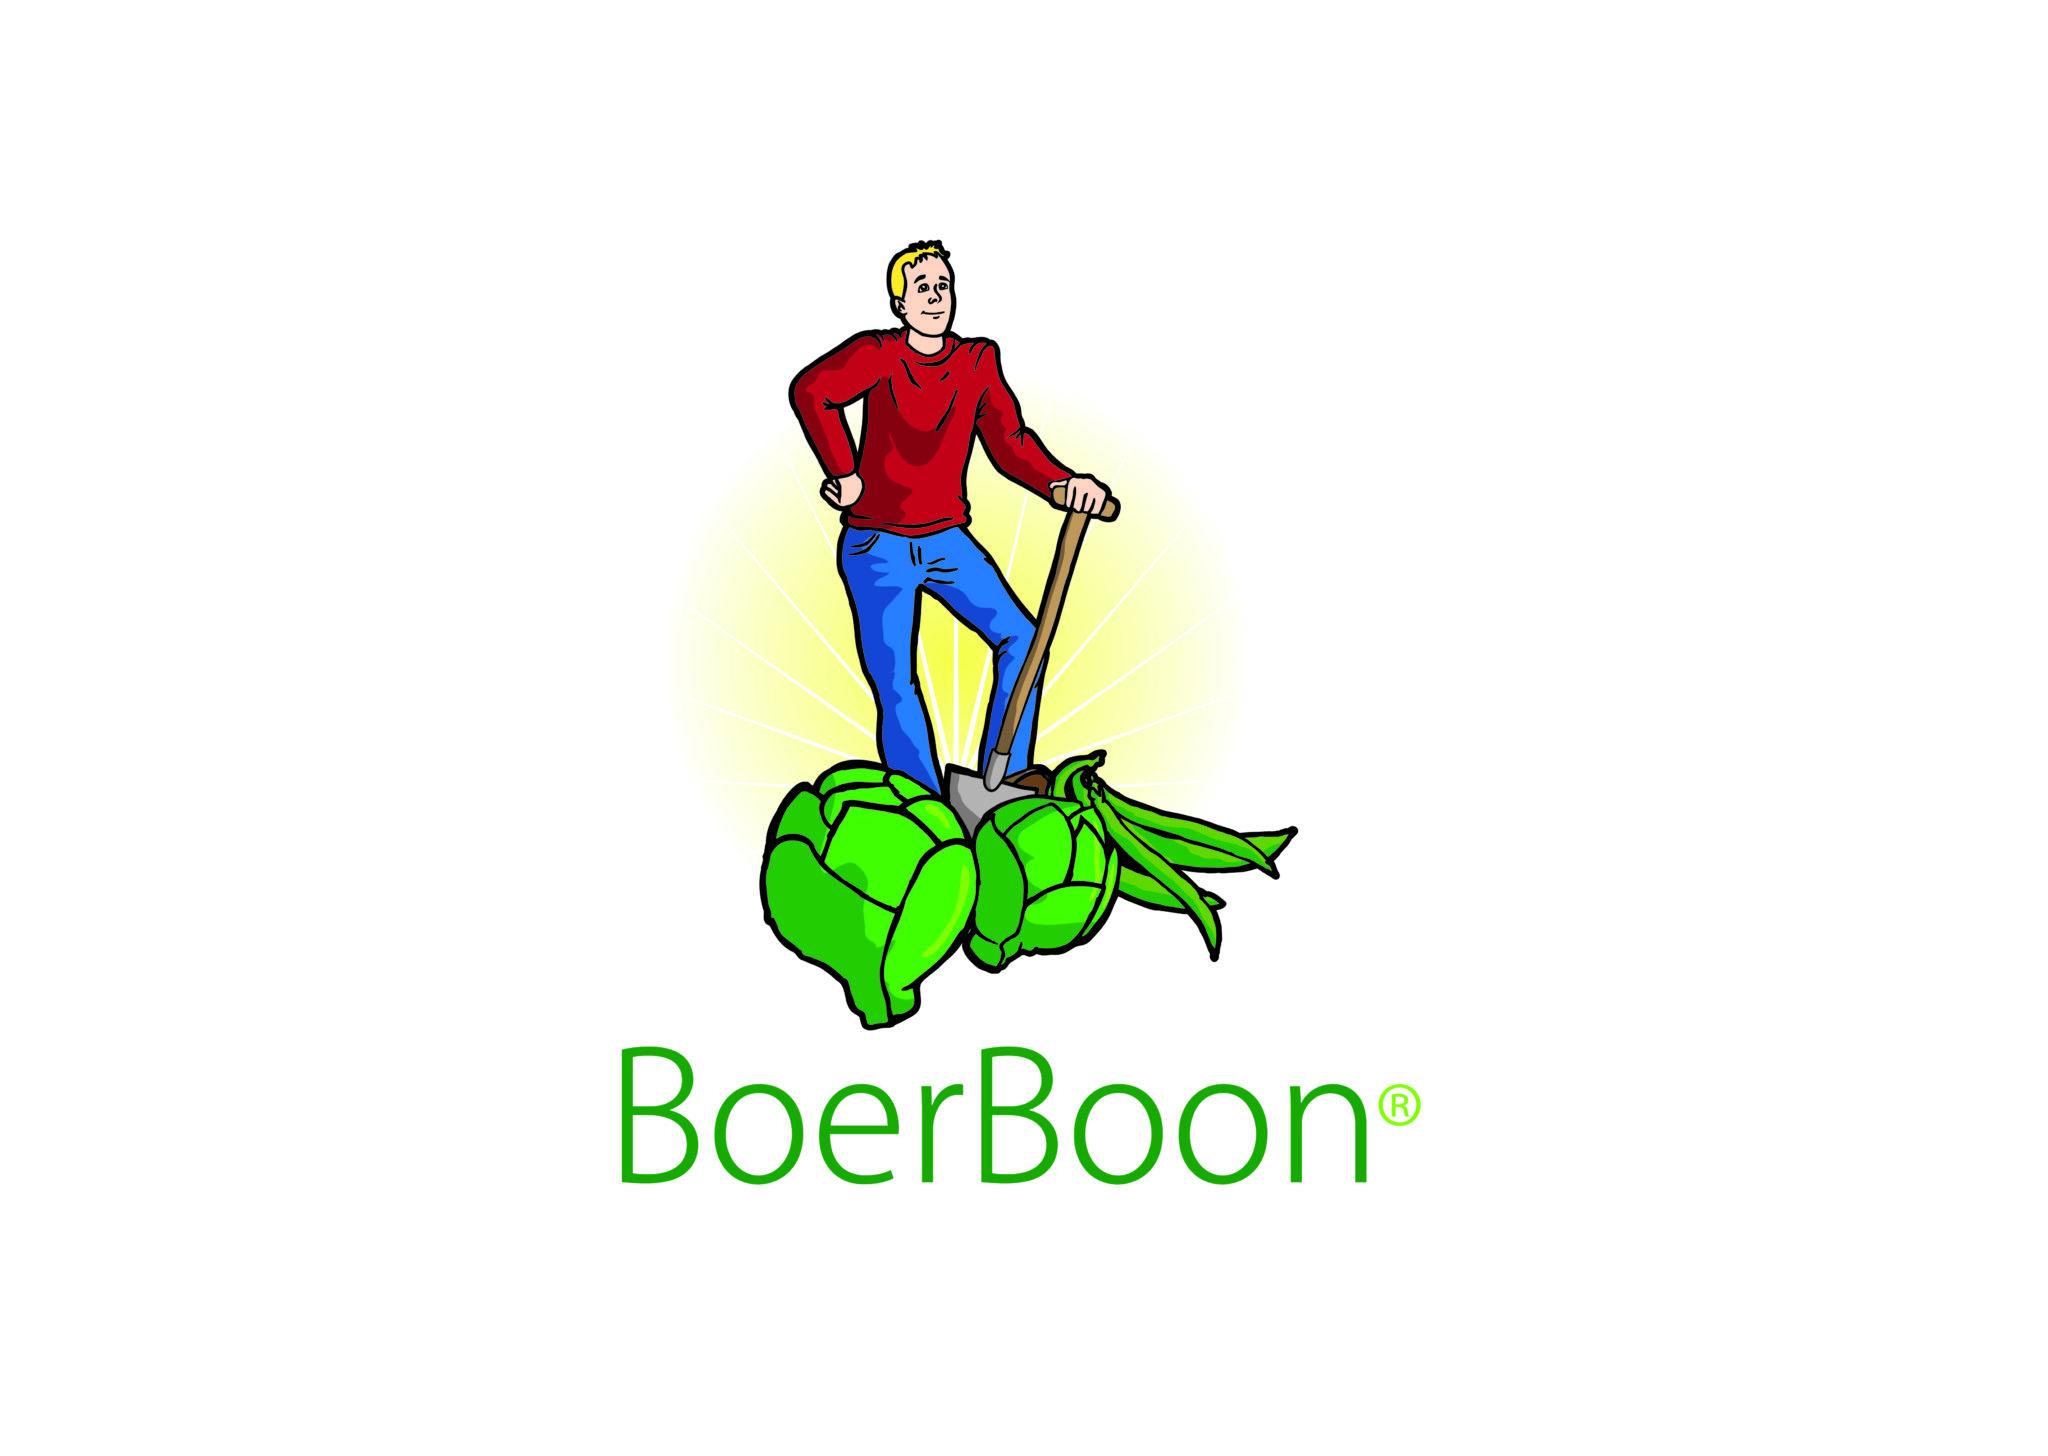 Boerboon